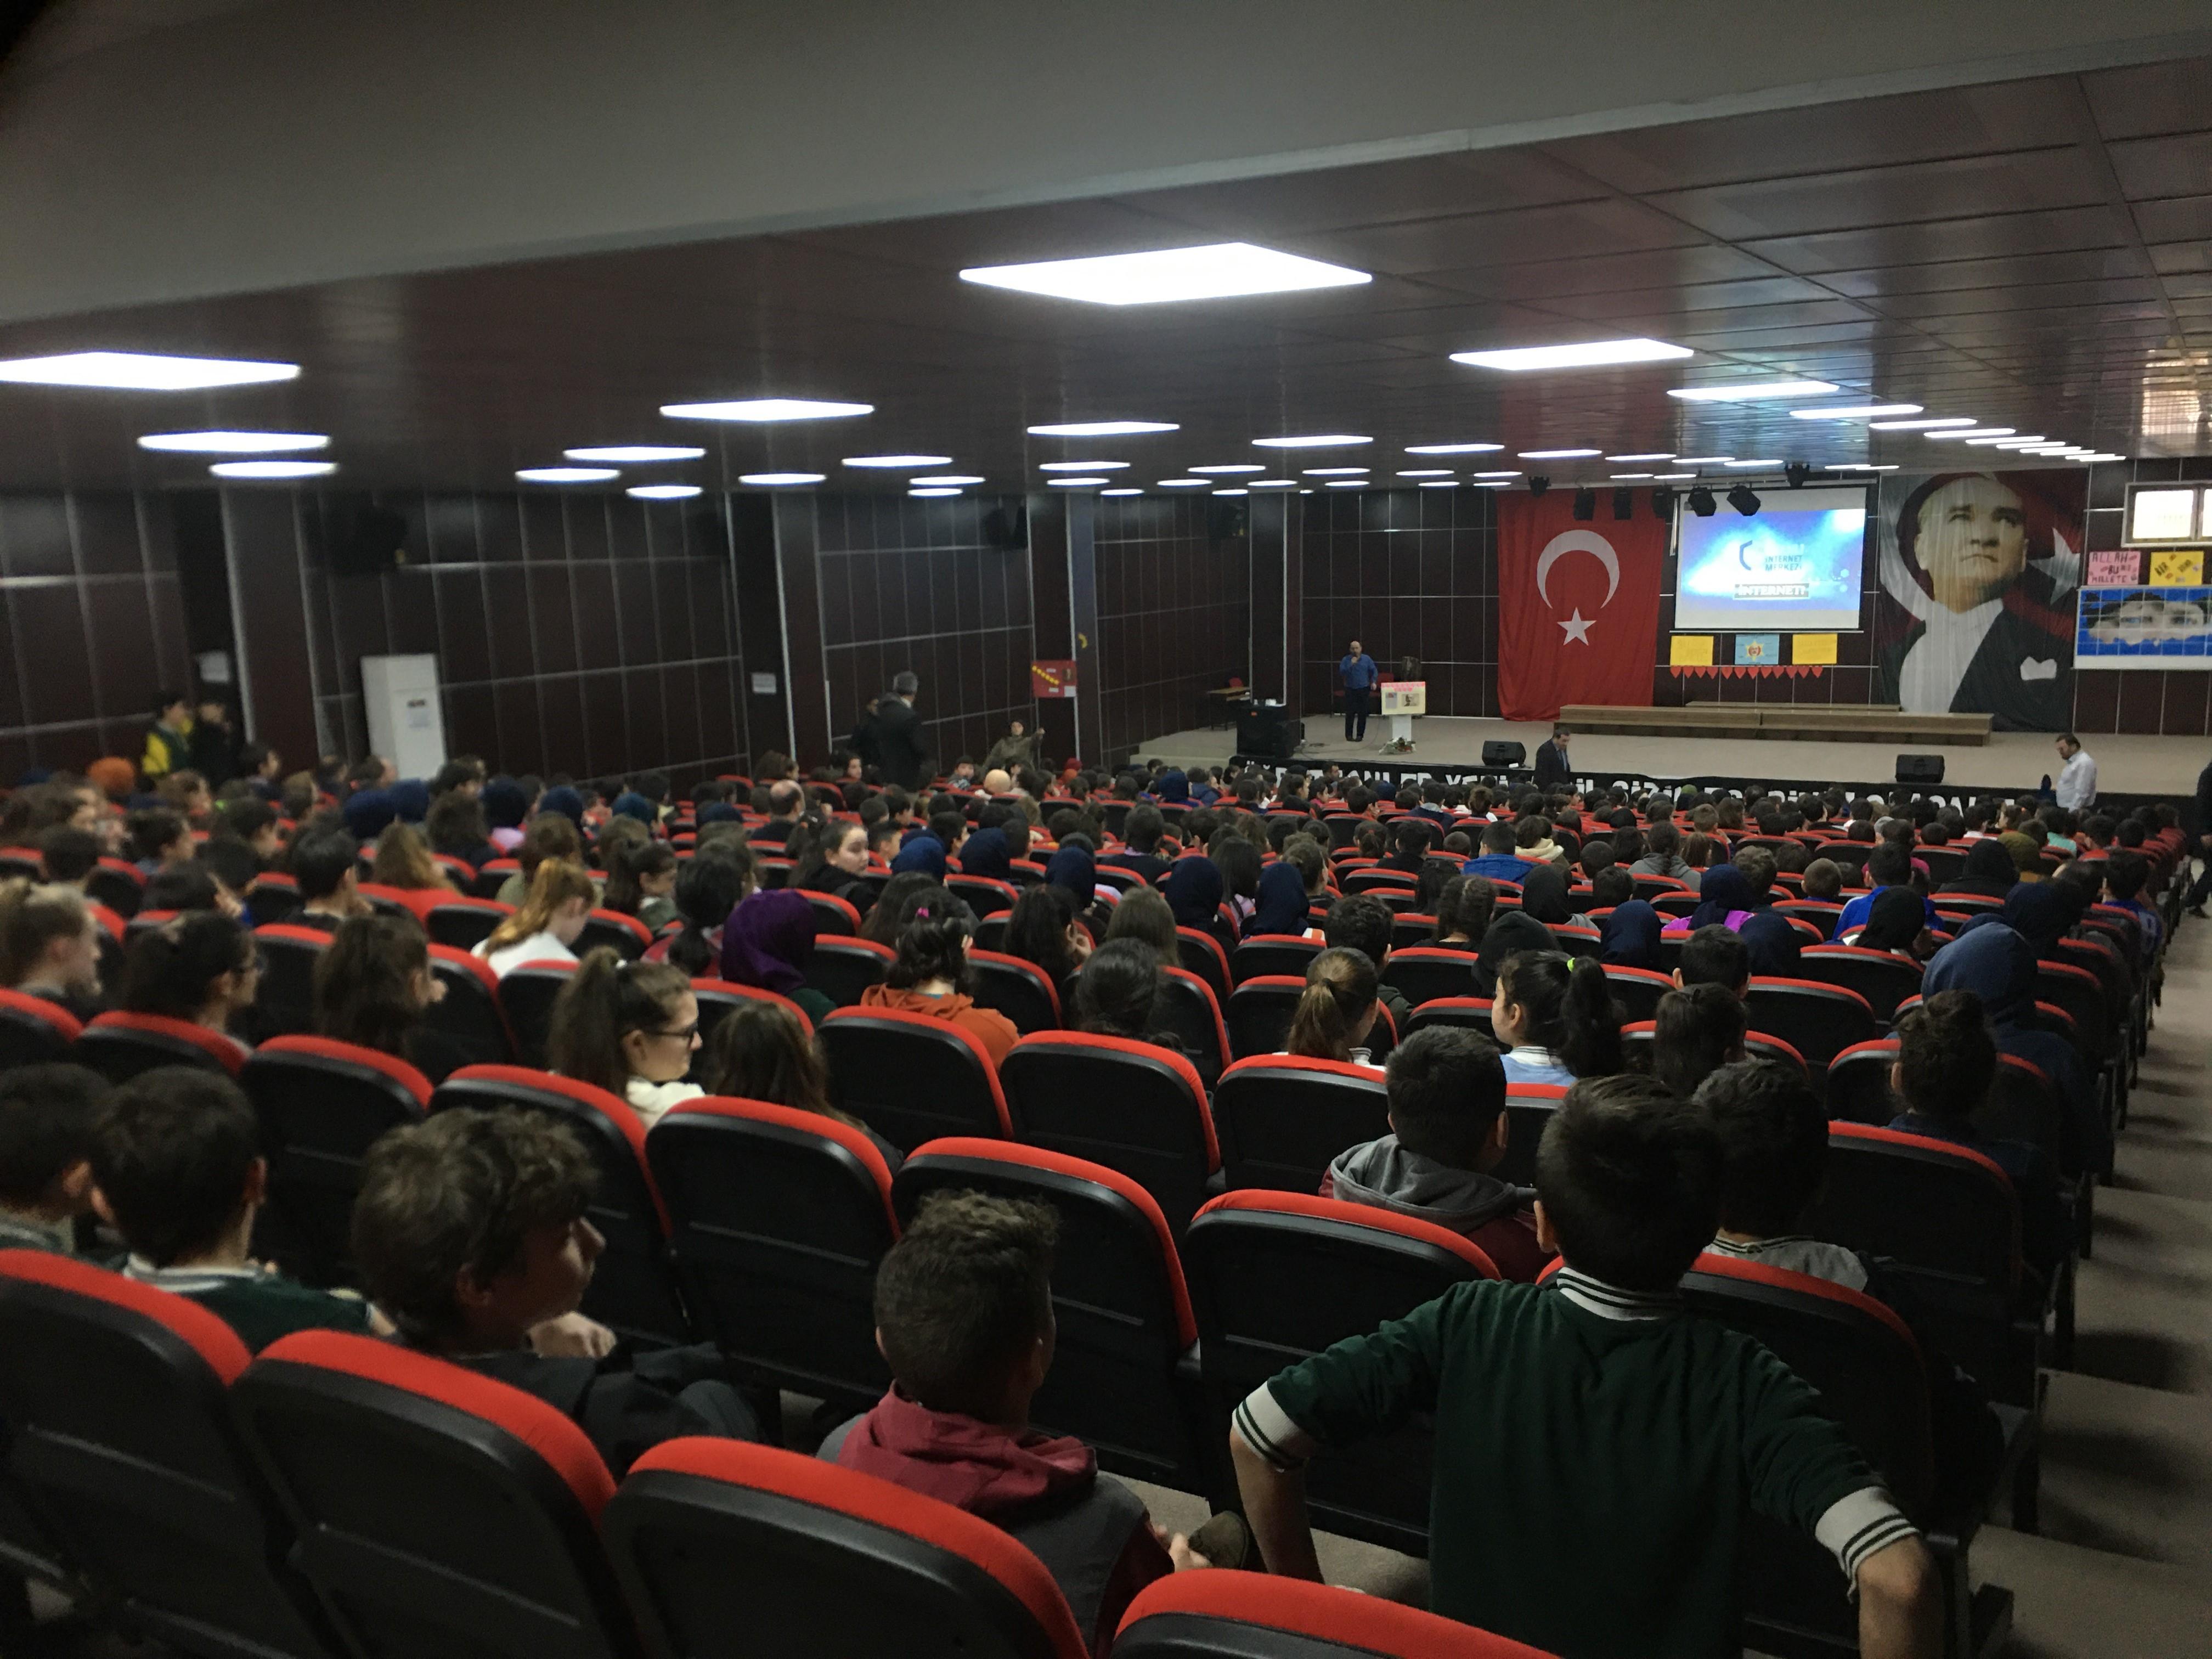 Rize, Ardeşen ve Pazar Milli Eğitim Müdürlüğüne Bağlı Ortaokullara Yönelik, Bilinçli Ve Güvenli İnternet Semineri